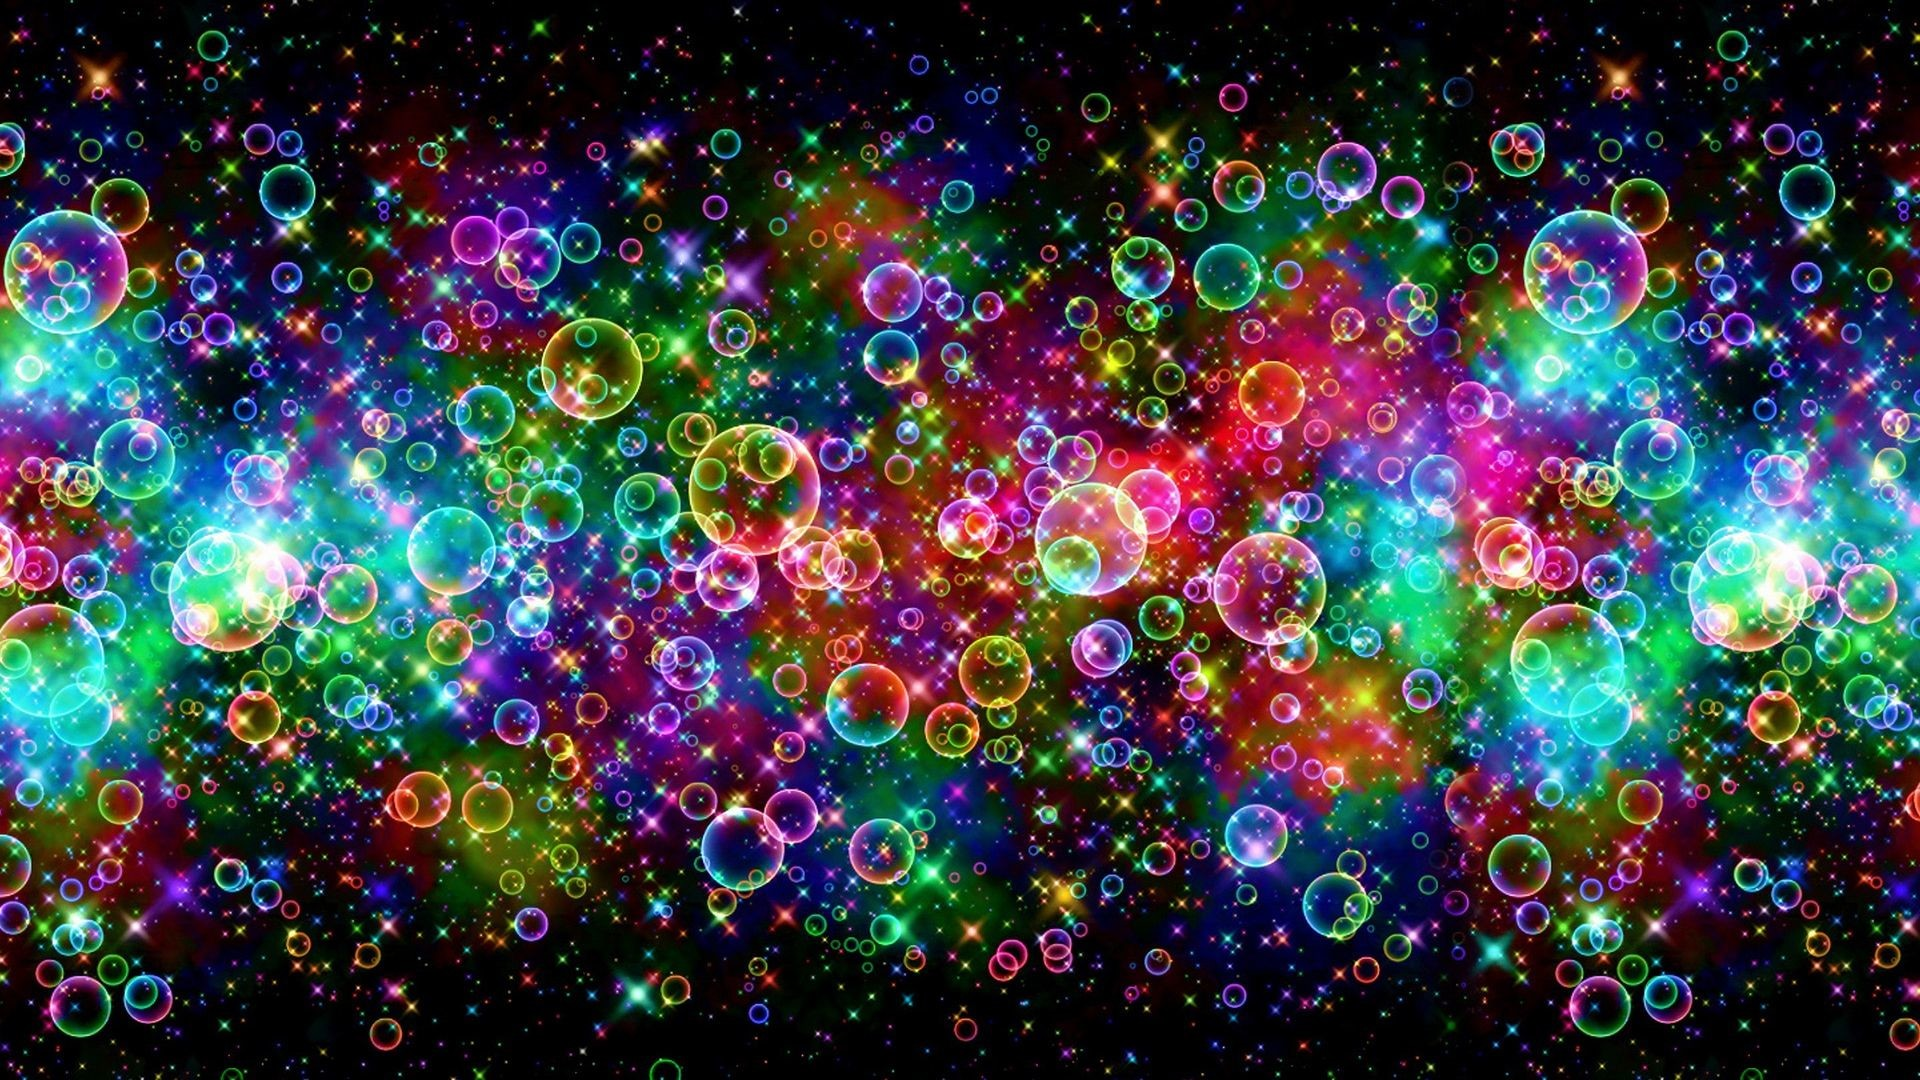 Colorful Bubbles Wallpaper 71 Images